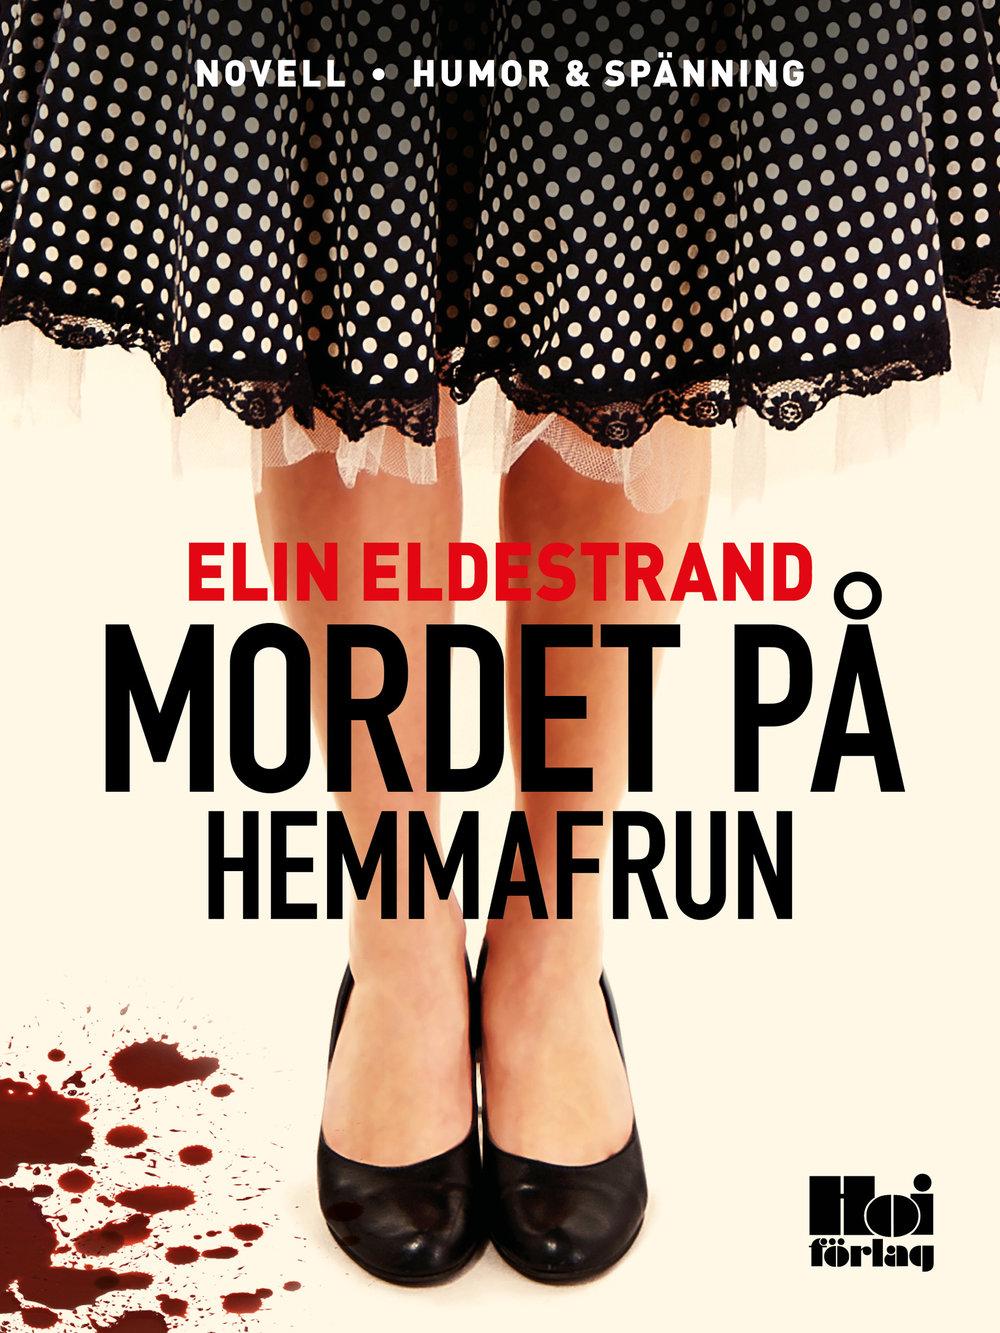 E-bok Mordet på hemmafrun av Elin Eldestrand